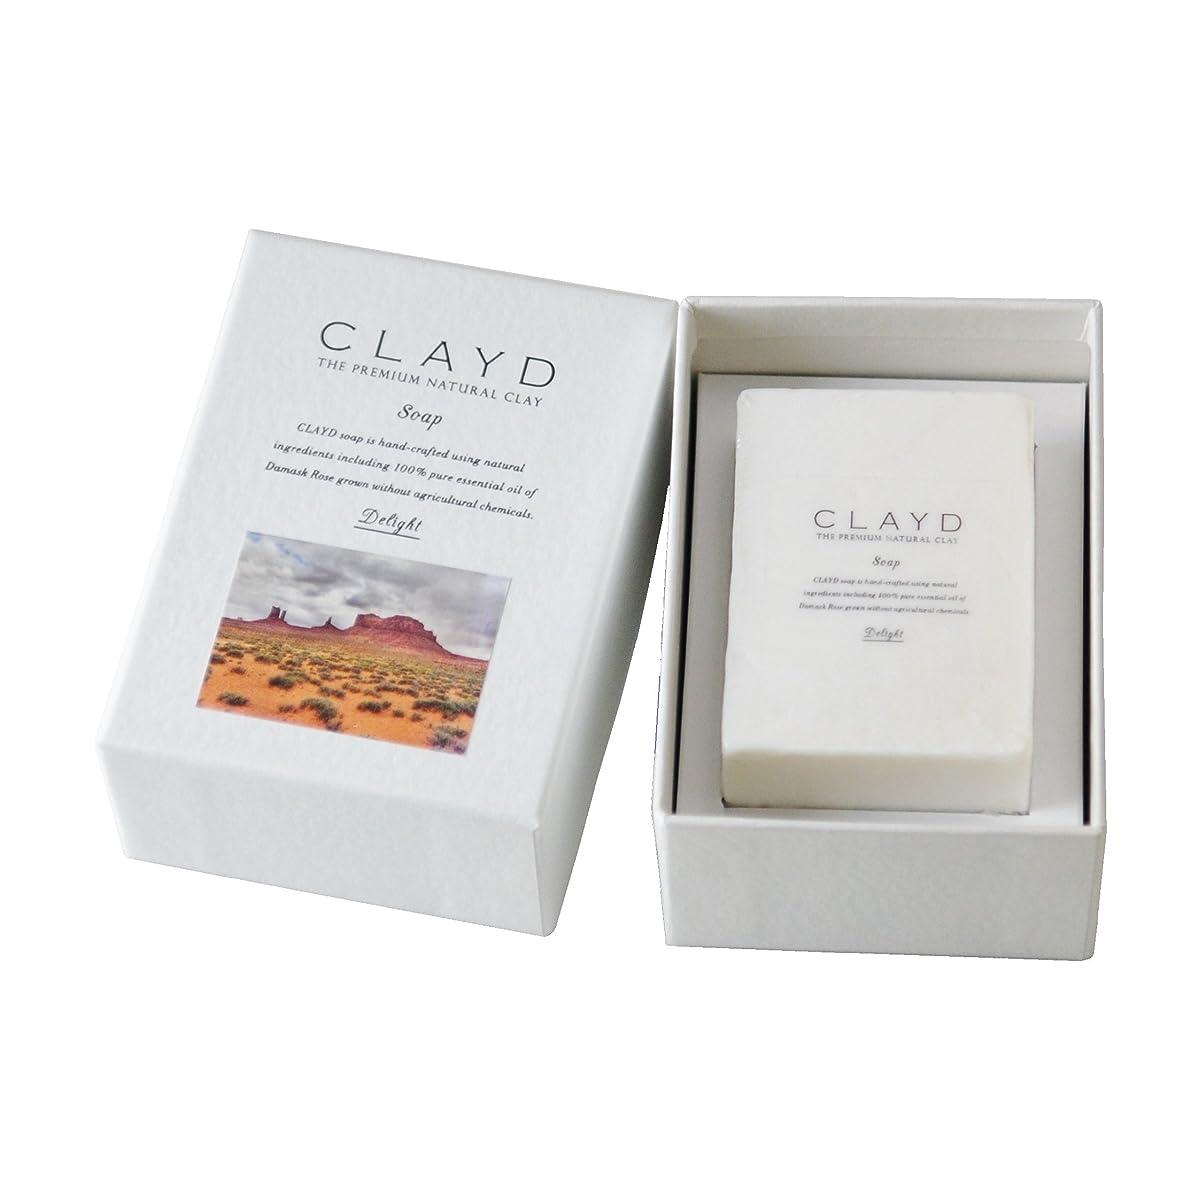 プレゼン実験健康的CLAYD SOAP -Damask Rose-(クレイド ソープ ダマスクローズ)